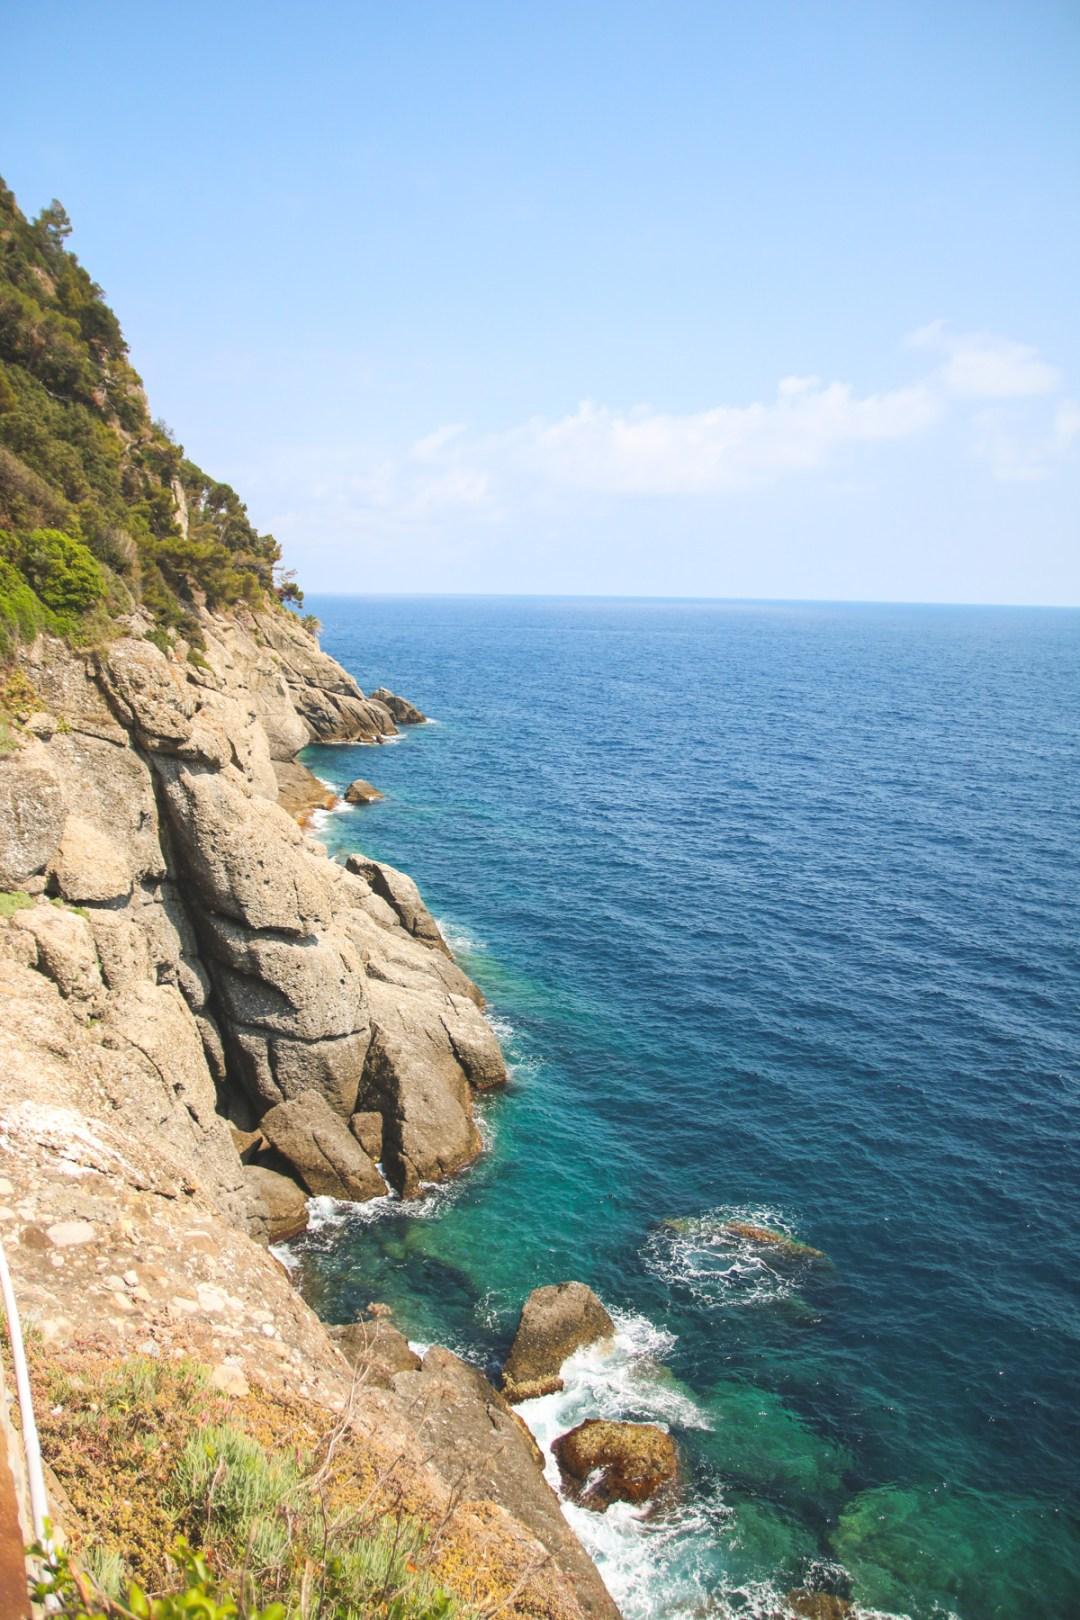 Views in Portofino, Liguria, Italy